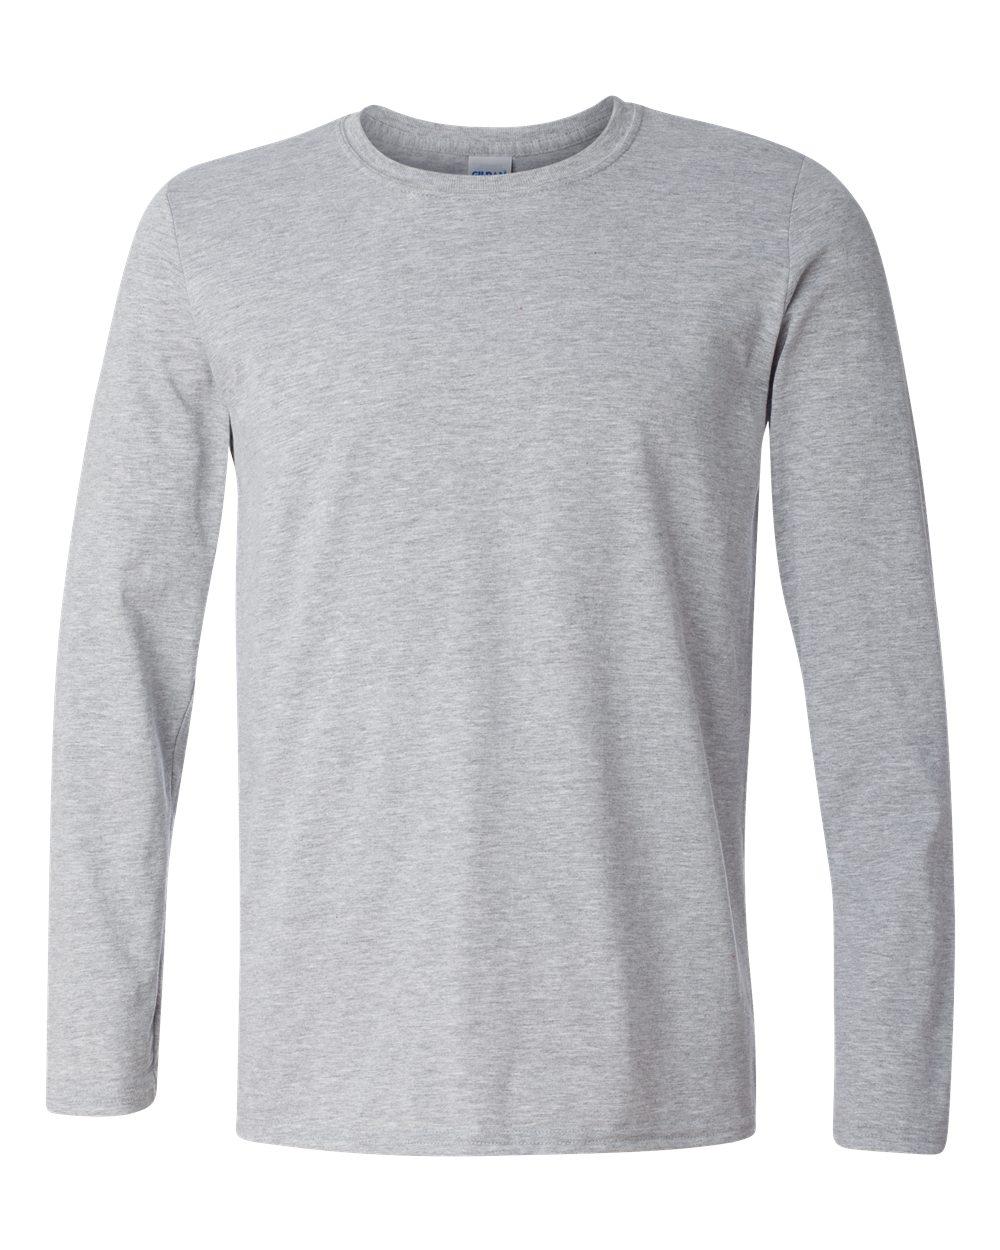 Gildan 64400 - Softstyle Long Sleeve T-Shirt  5cd4d2d606e